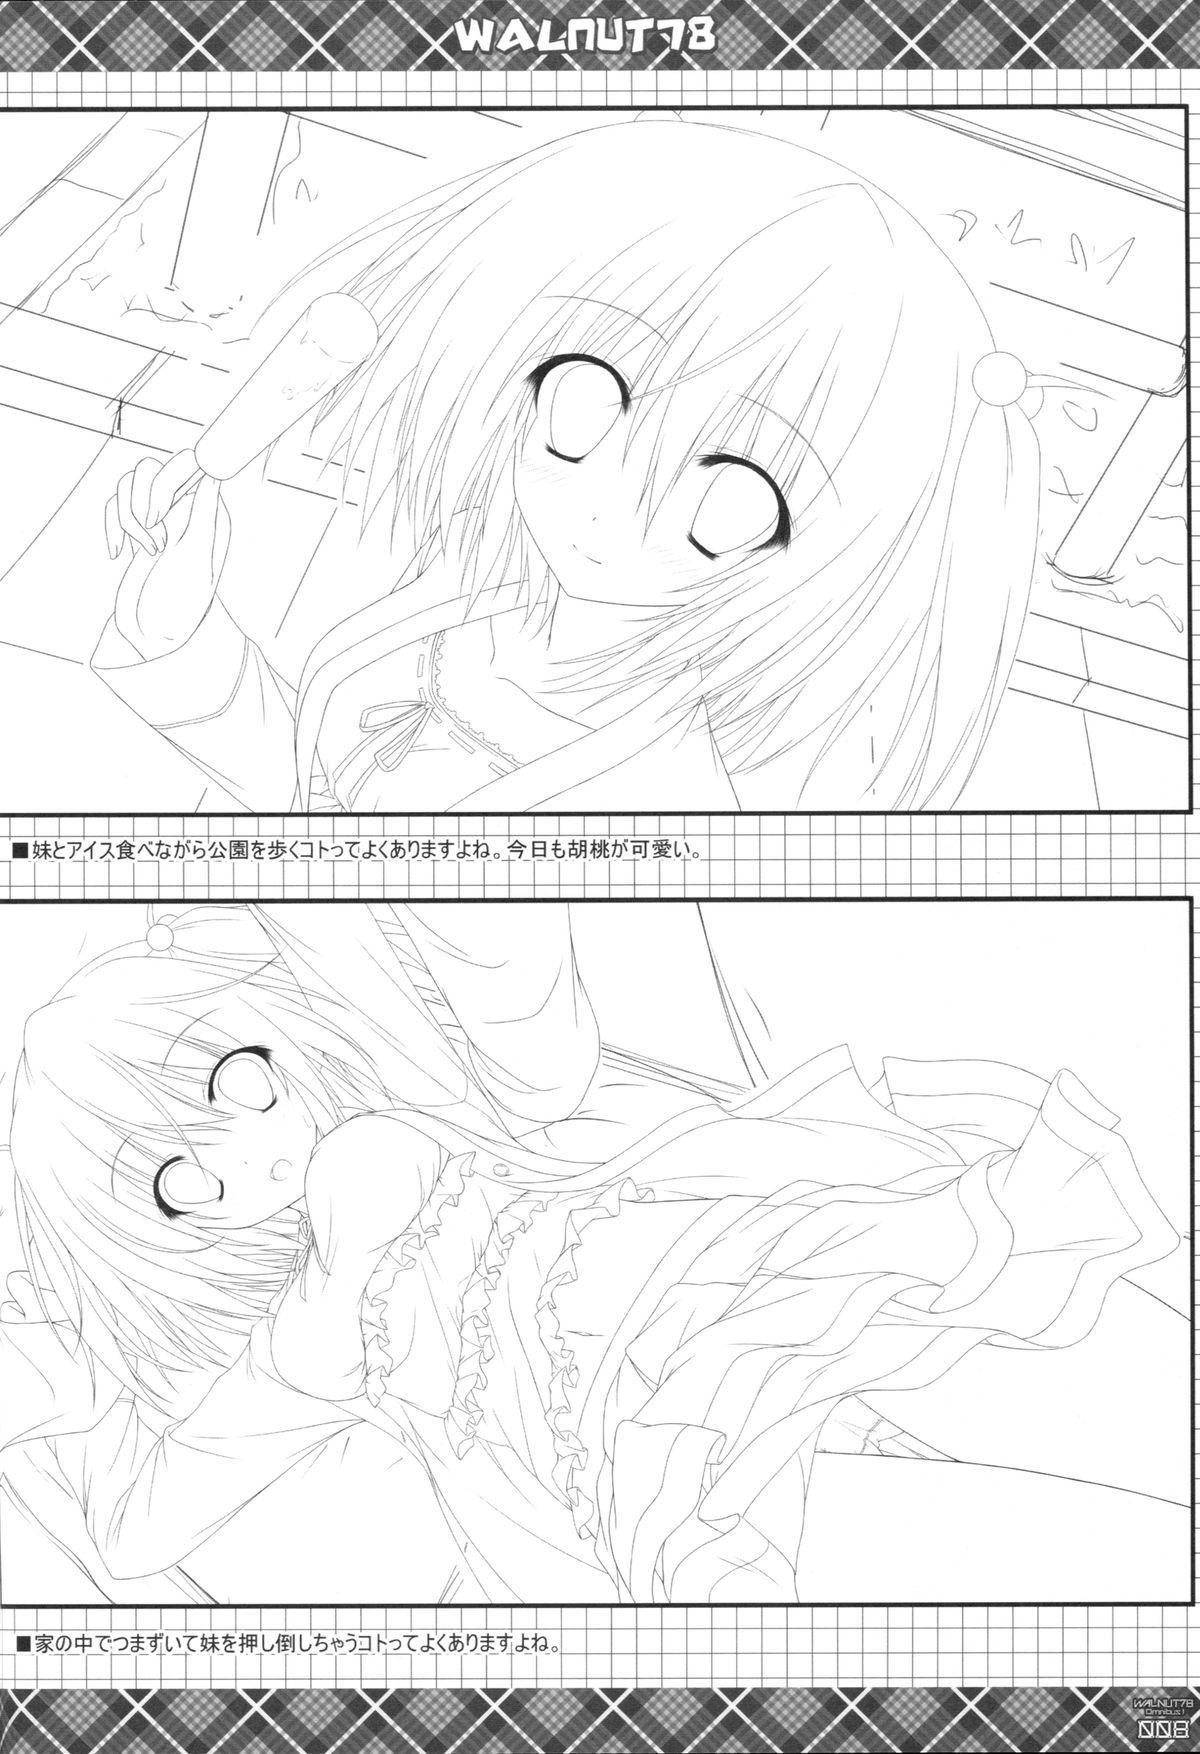 (C89) [Sui-en (Sui-en)] WALNUT78 Omnibus 1 -Suien-en Illustrations 2012-2014- (Various) 5